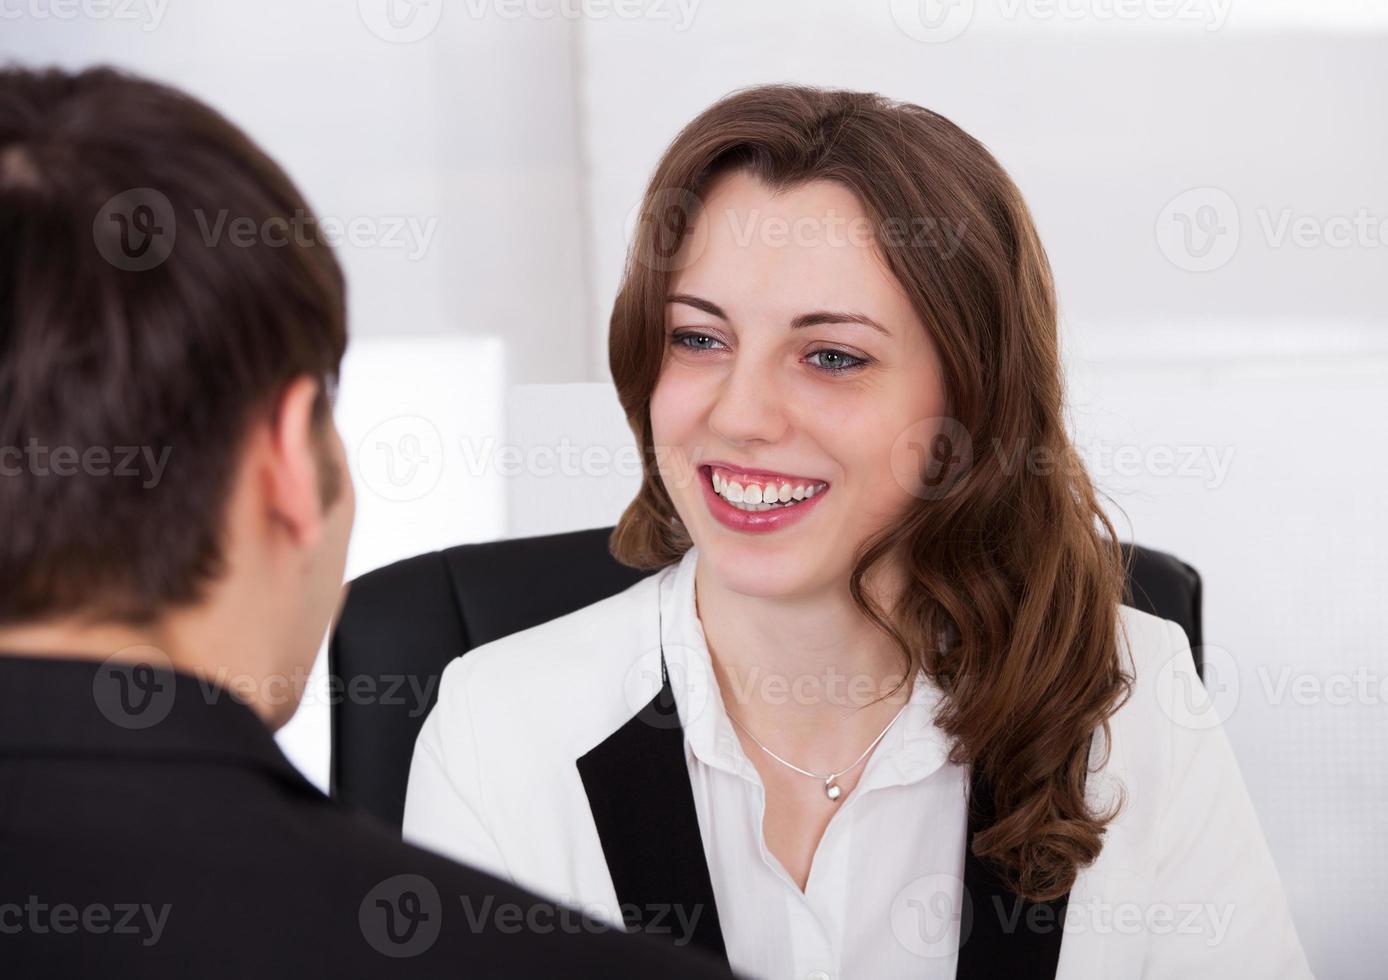 affärskvinna tittar på kandidaten under intervjun foto